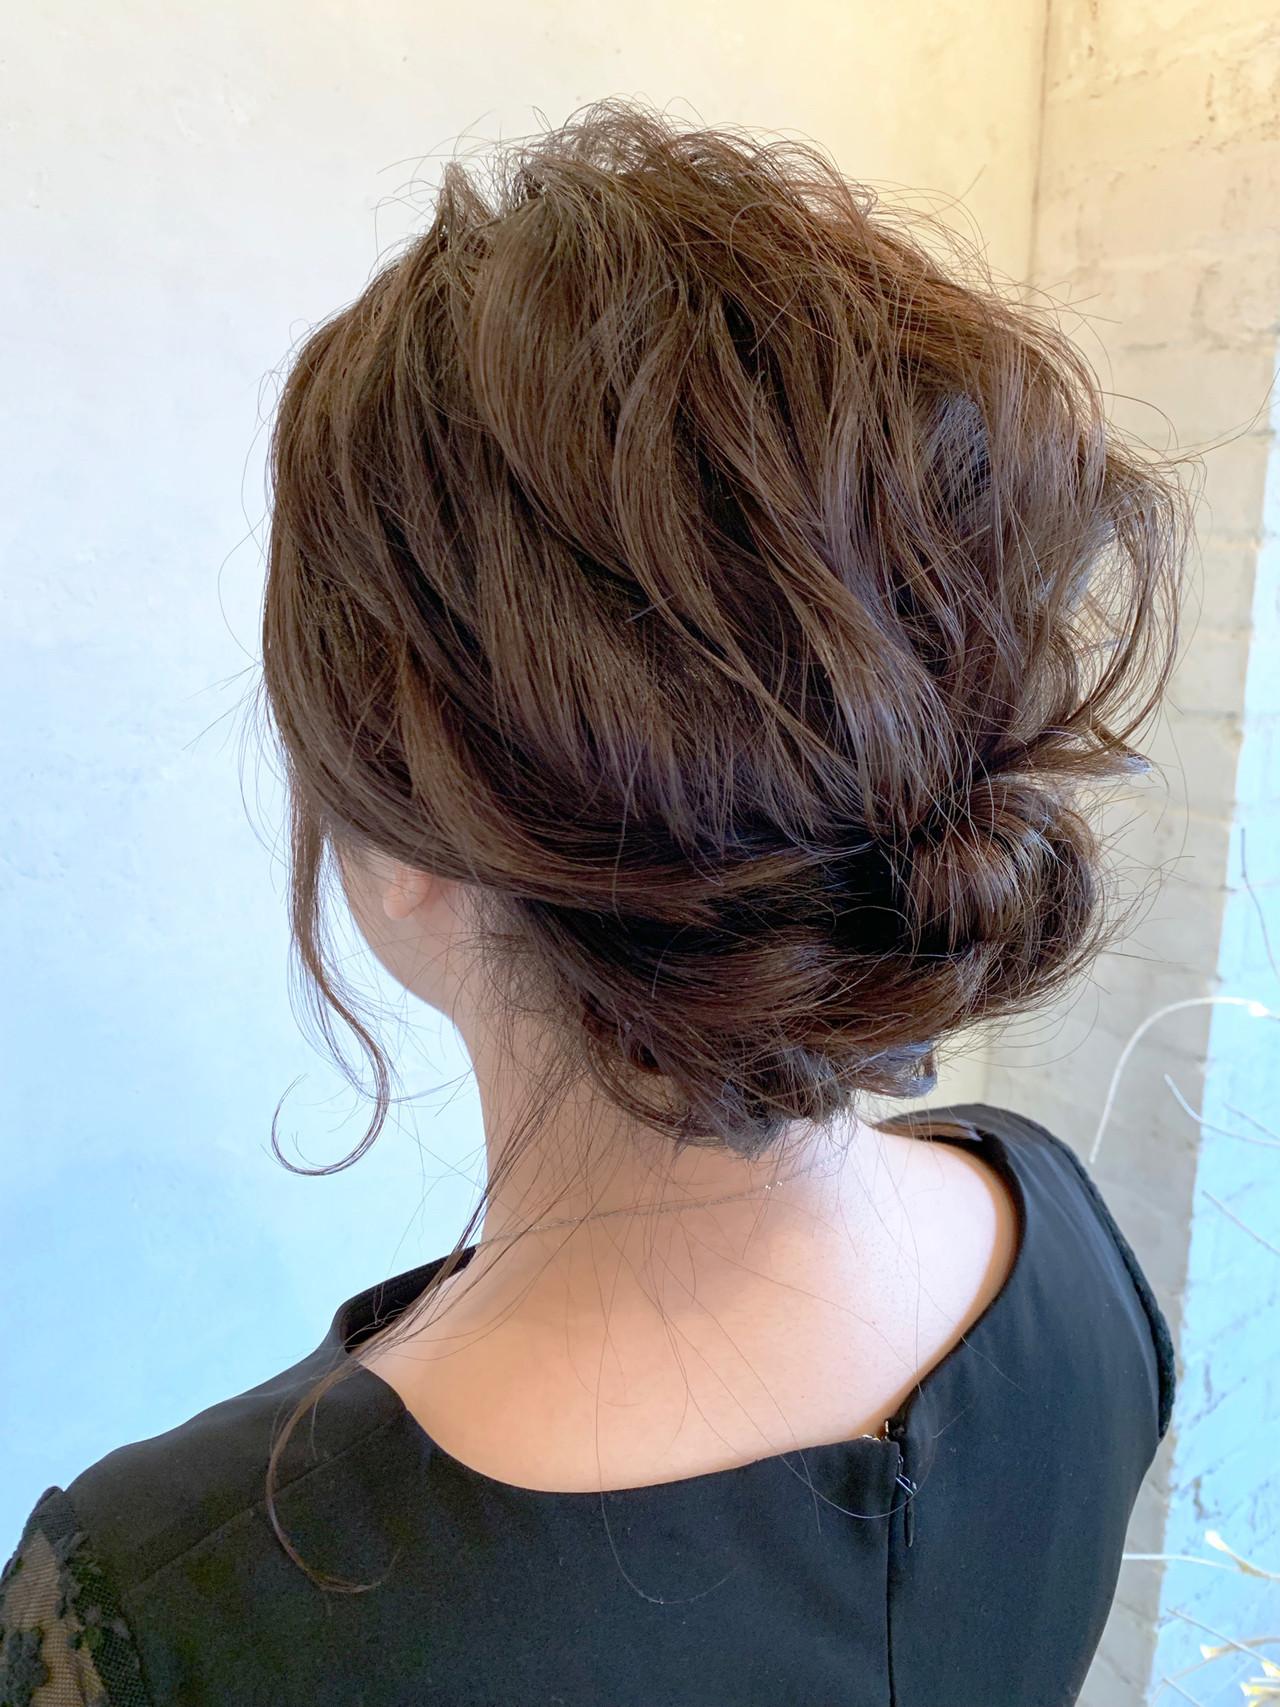 ボブ ヘアセット 結婚式 簡単ヘアアレンジ ヘアスタイルや髪型の写真・画像